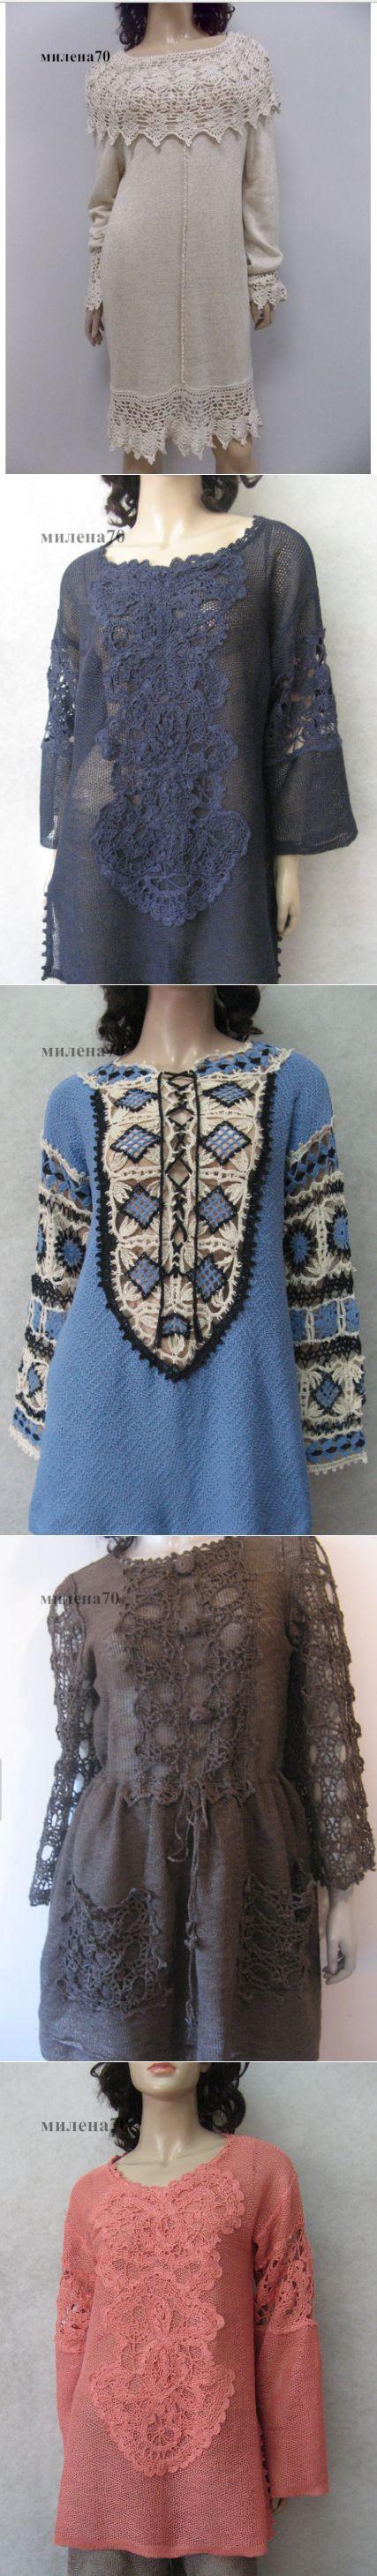 Вязание + ткань Замечательные модели от TALITA Соловьёва | Вязание крючком . | Постила